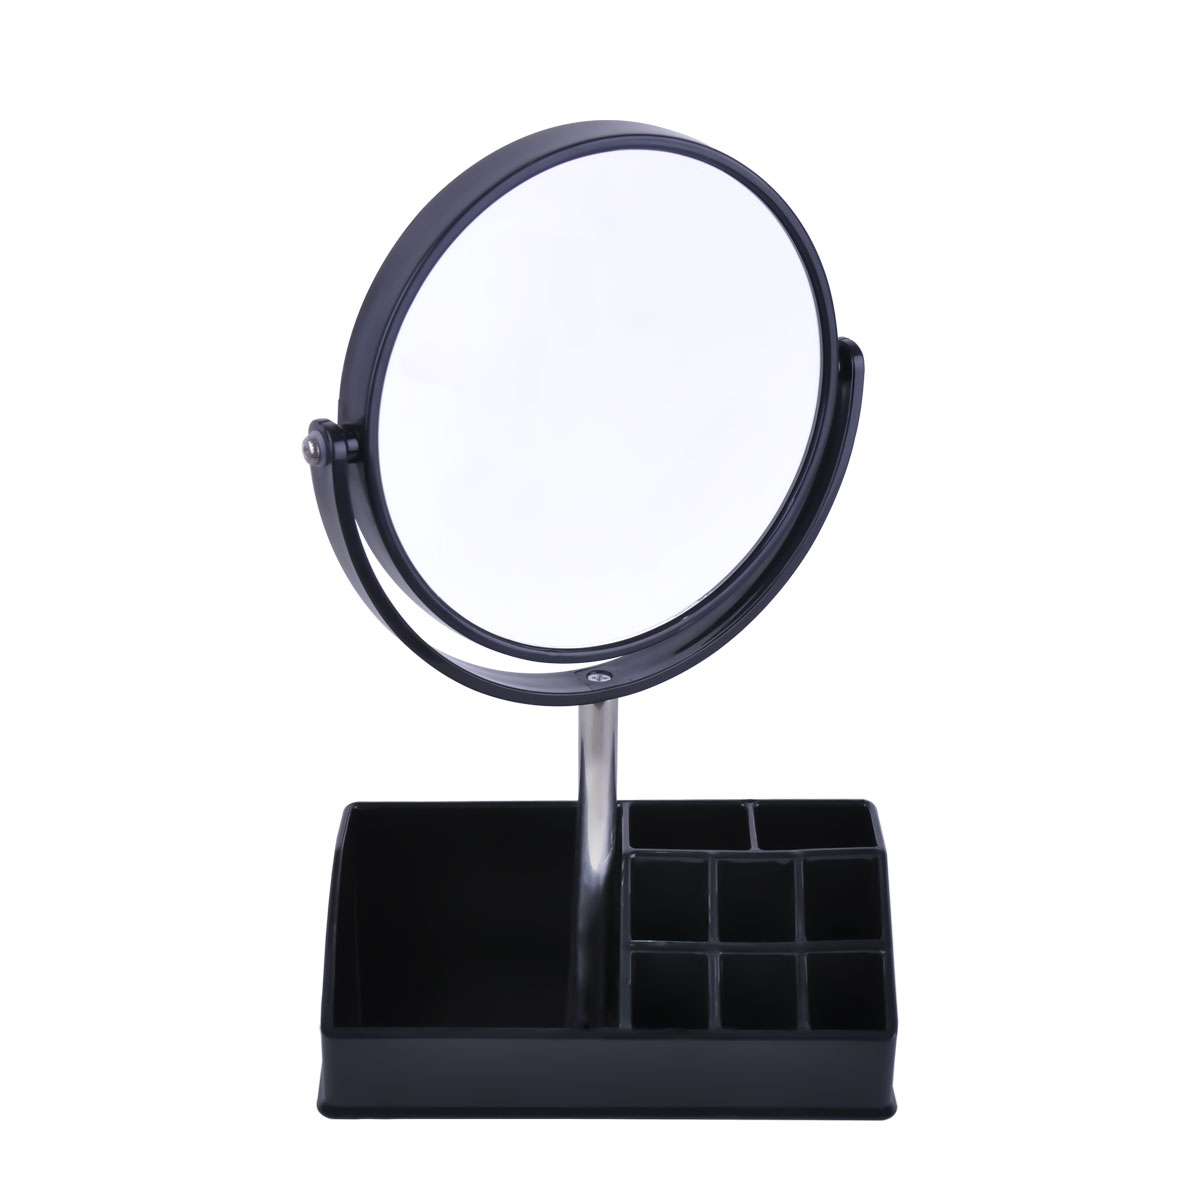 مرآة دائريه الشكل بستاند مكياج - موديل - 0550